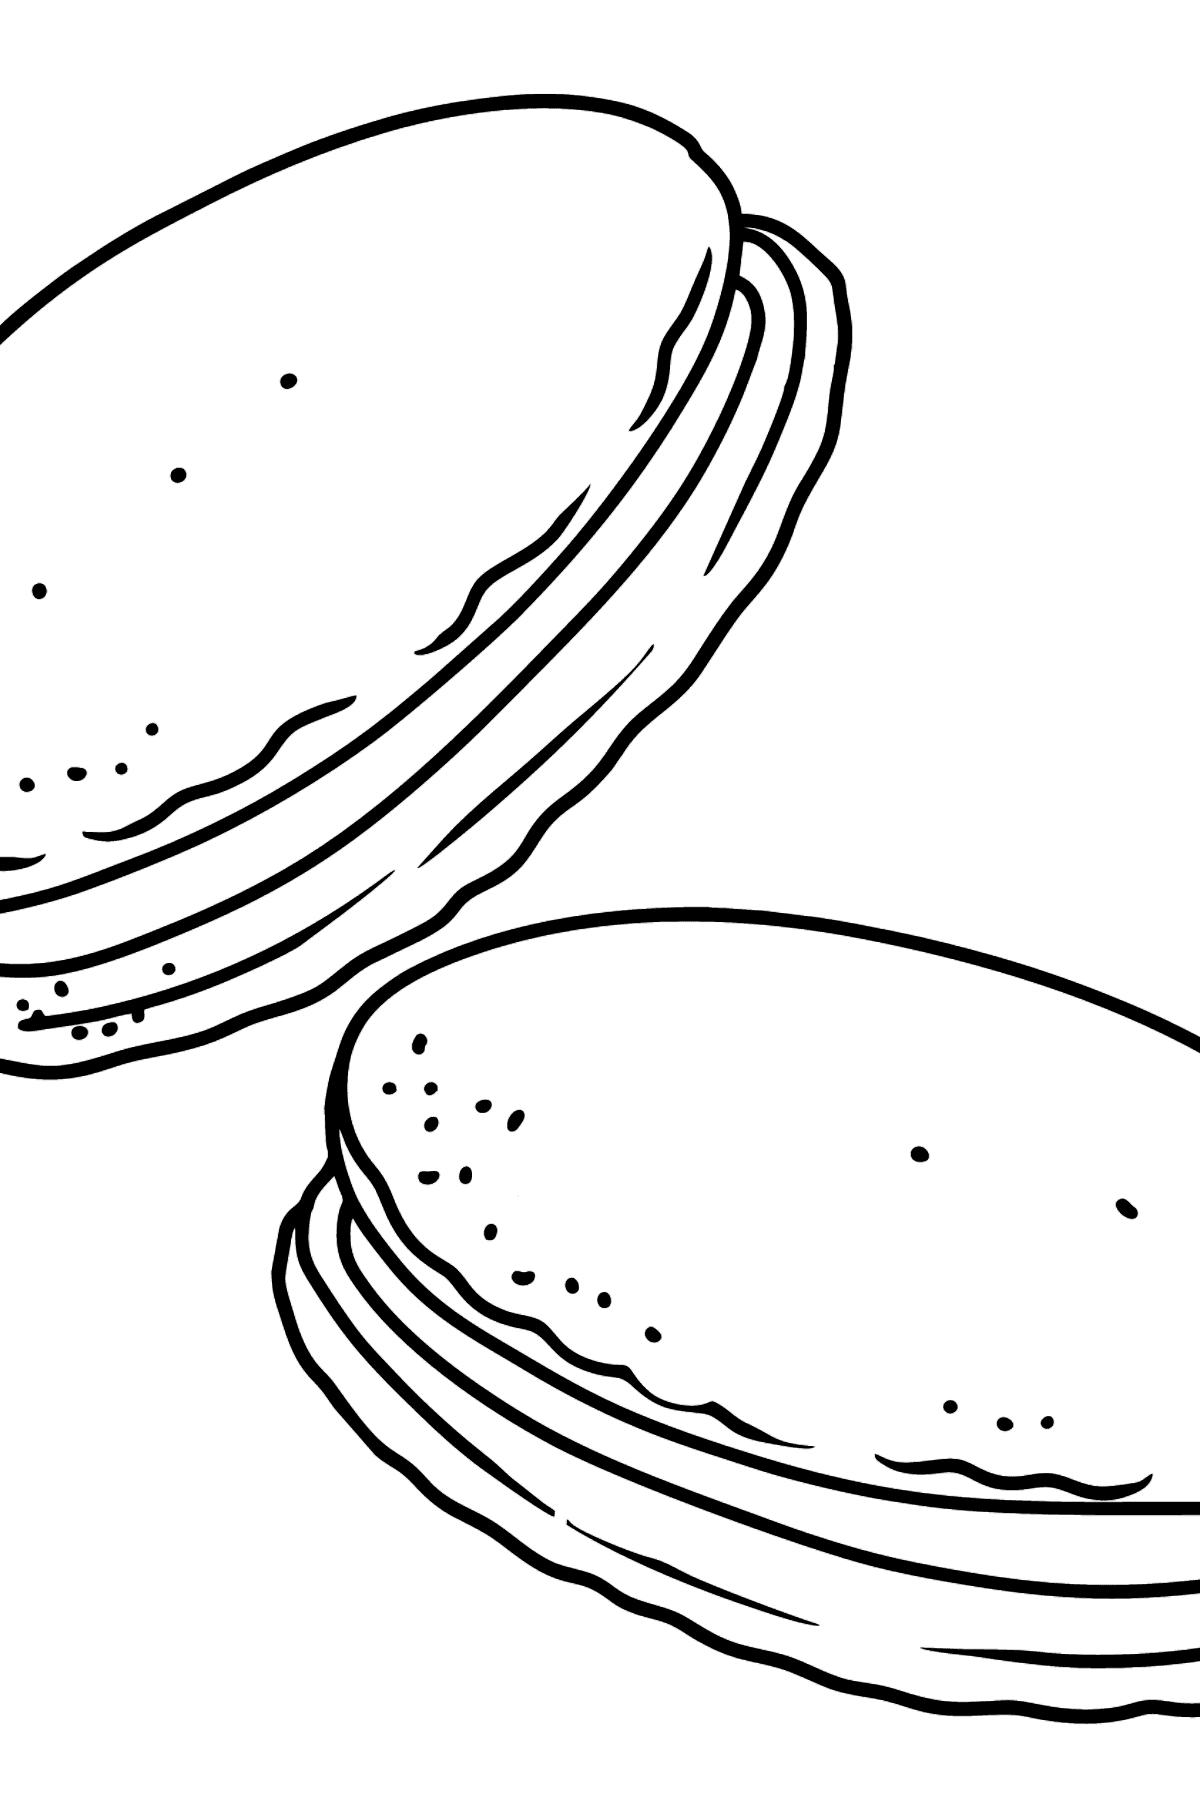 Kekse mit Sahne Ausmalbild - Malvorlagen für Kinder